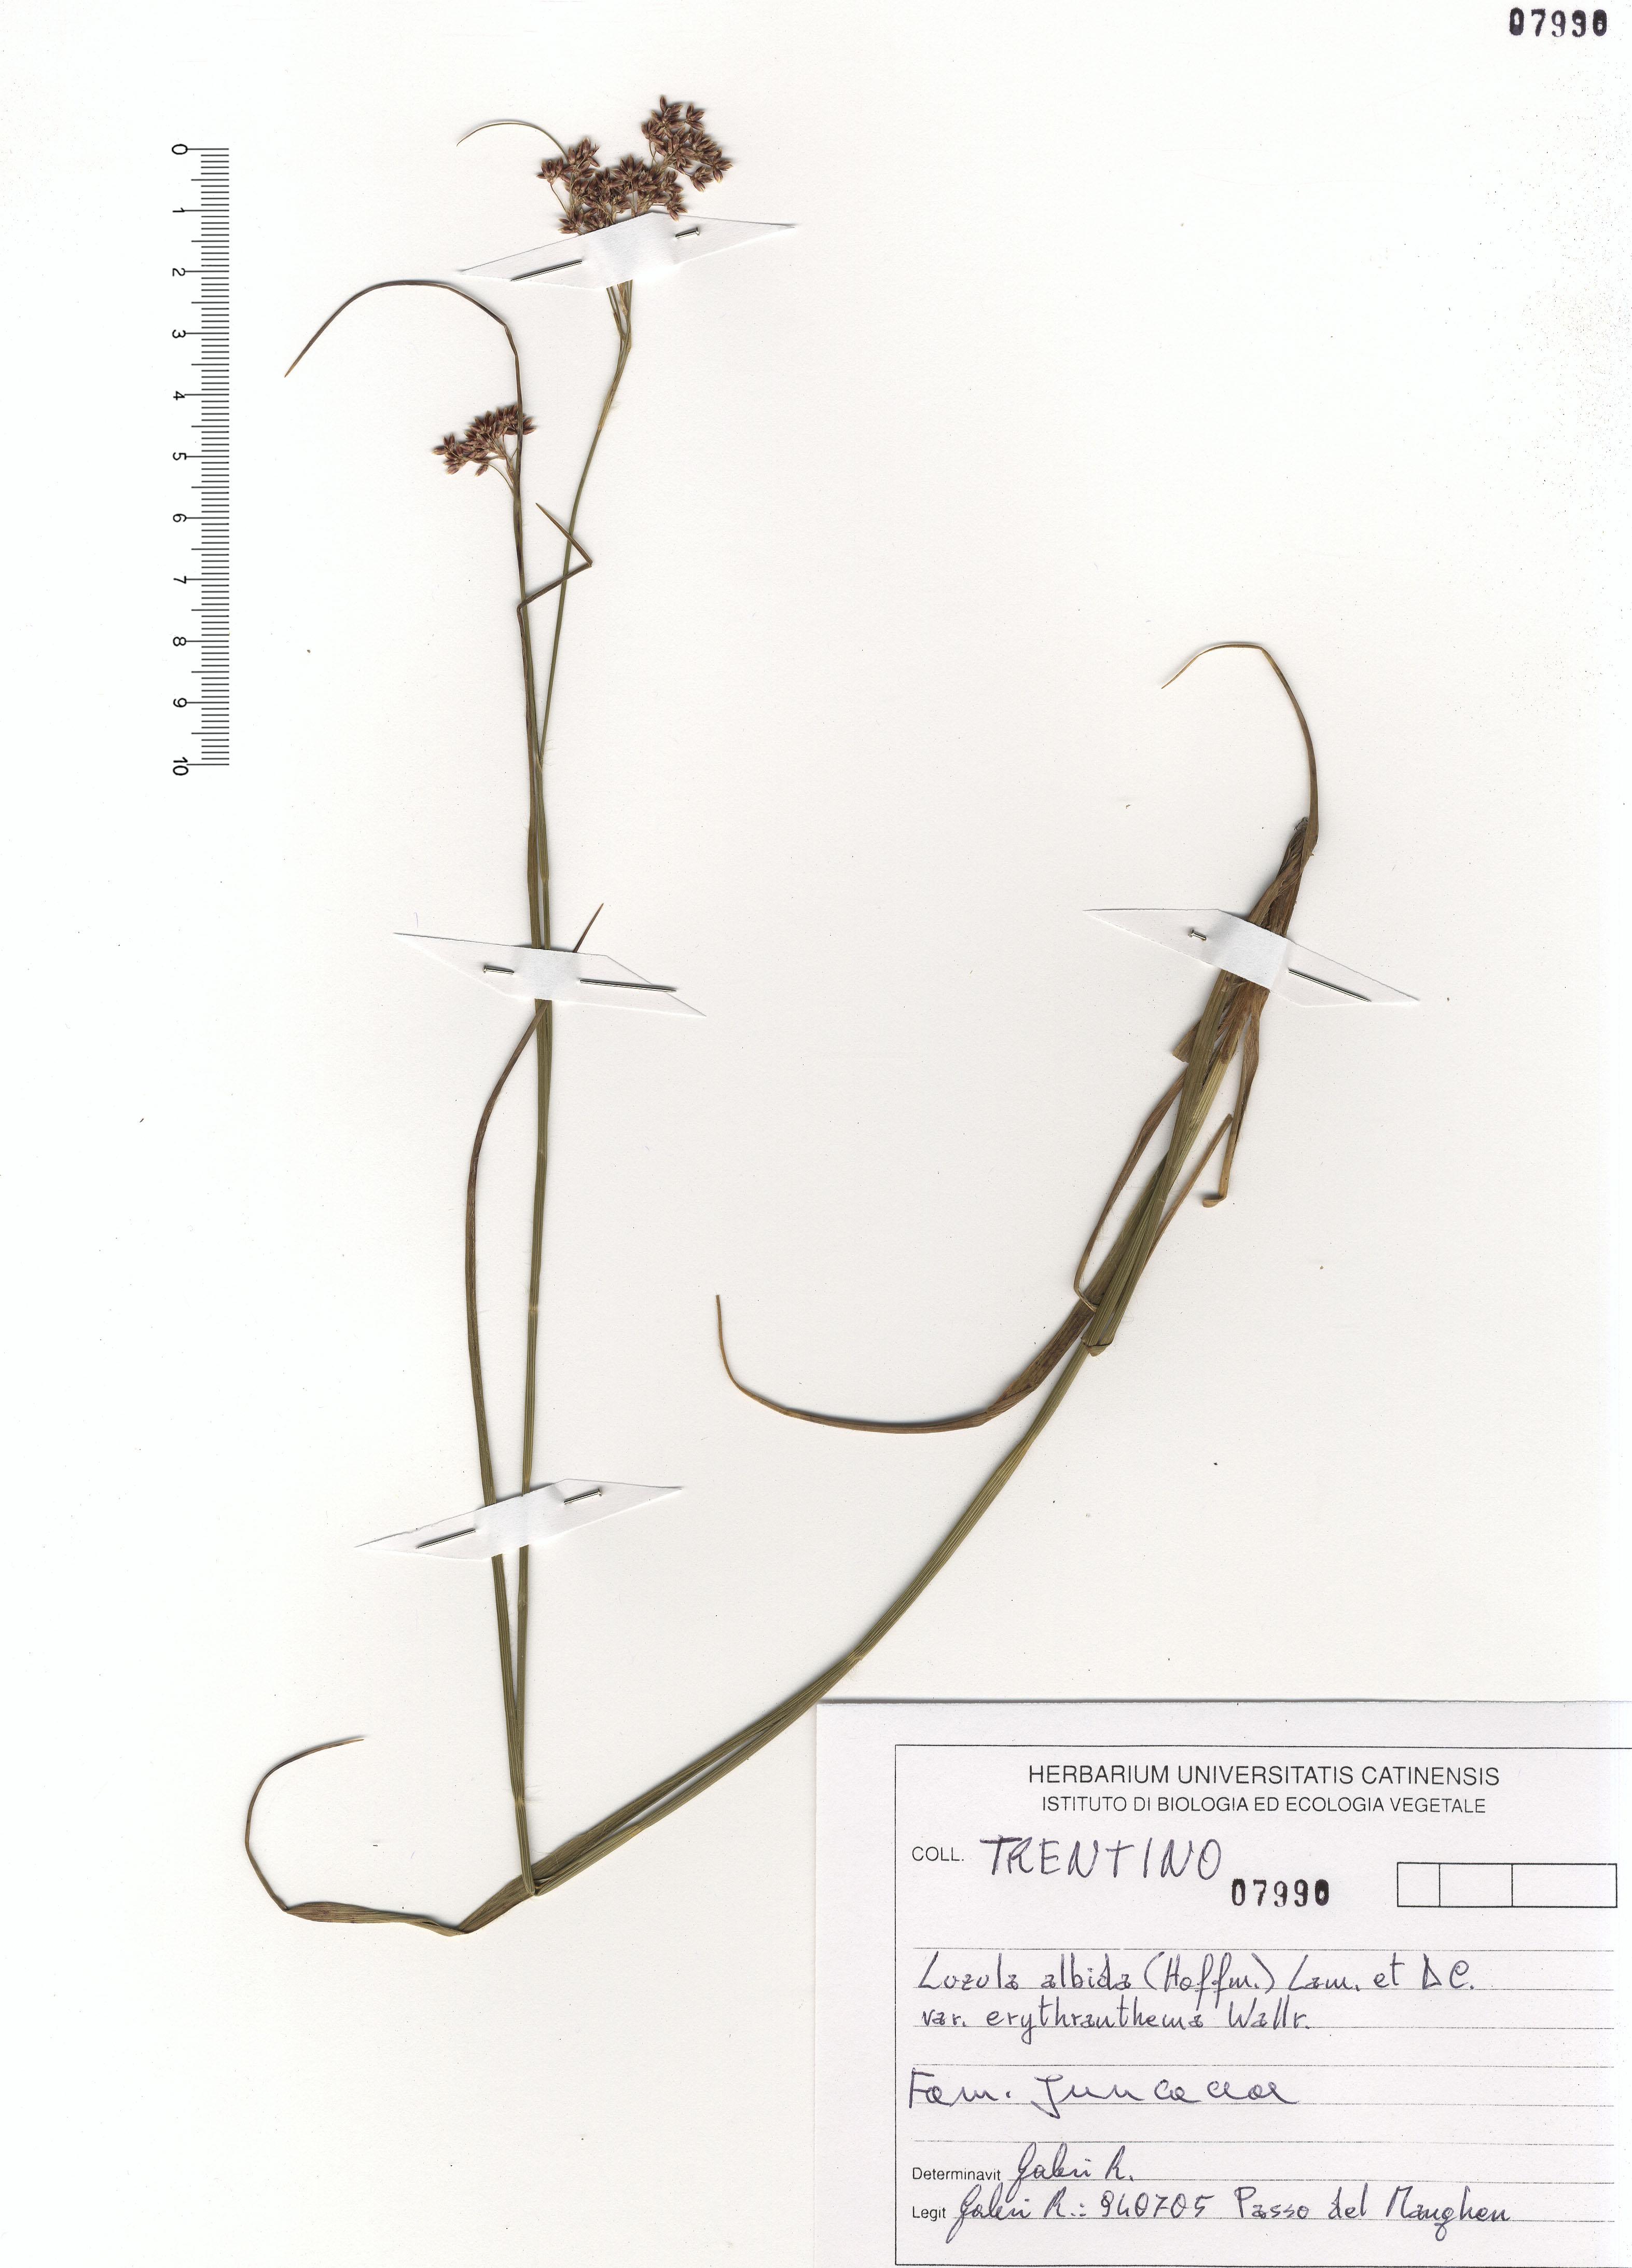 © Hortus Botanicus Catinensis - Herb. sheet 107990<br>